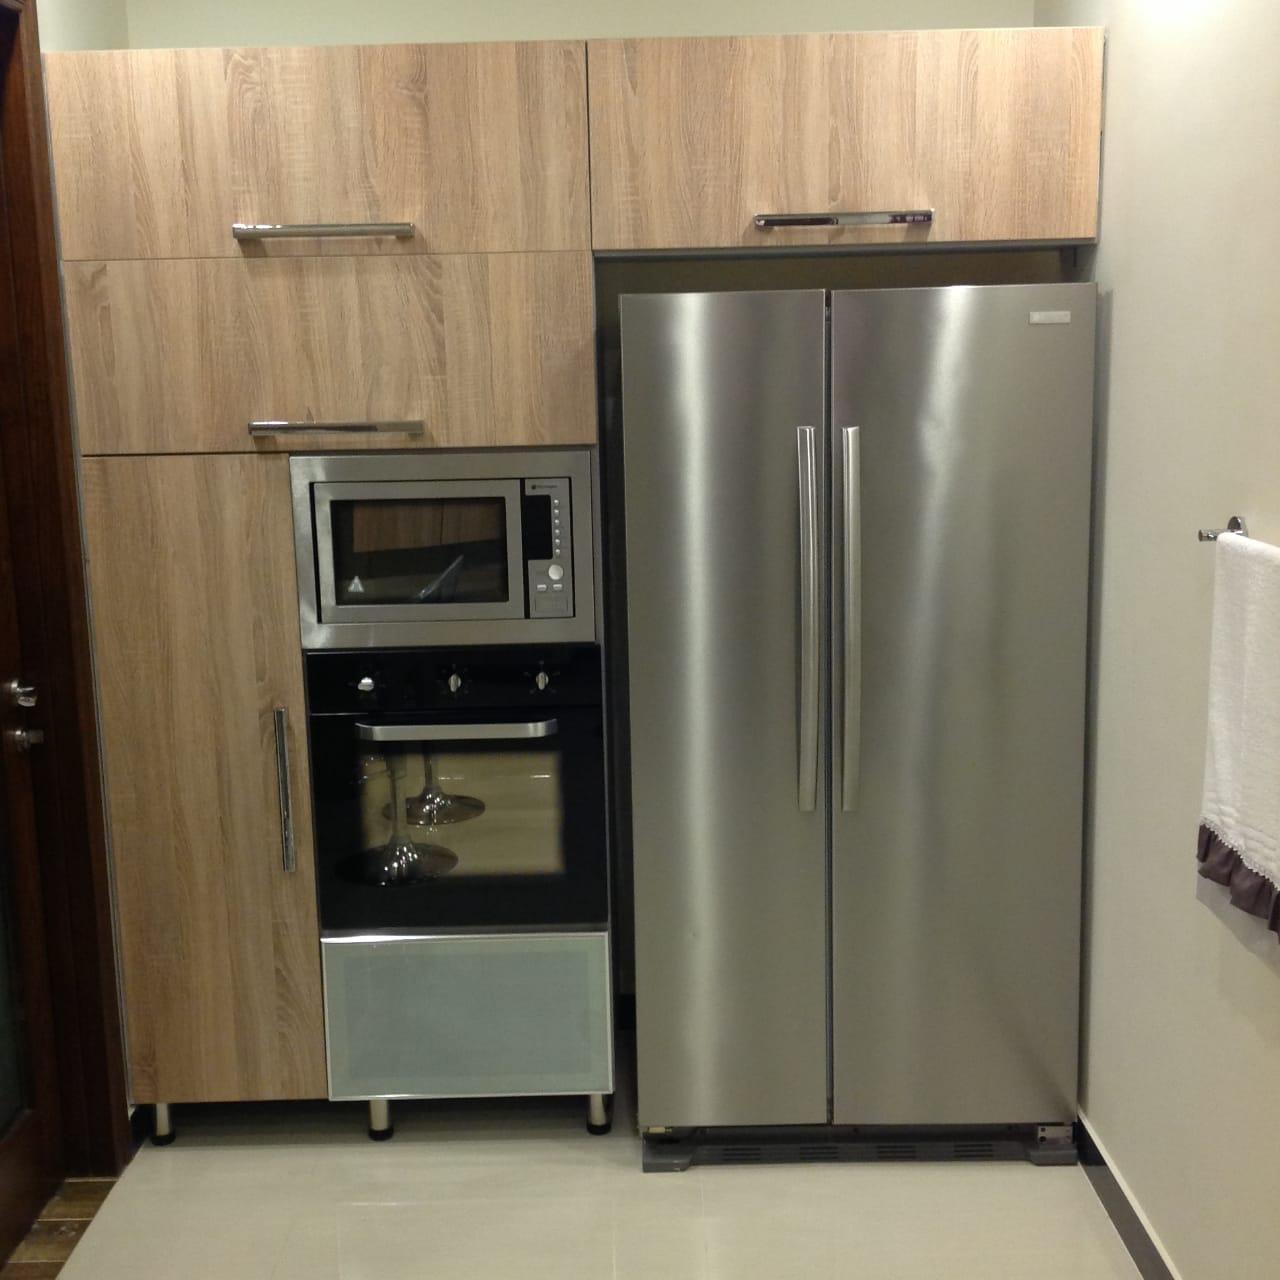 Appliances in kitchen